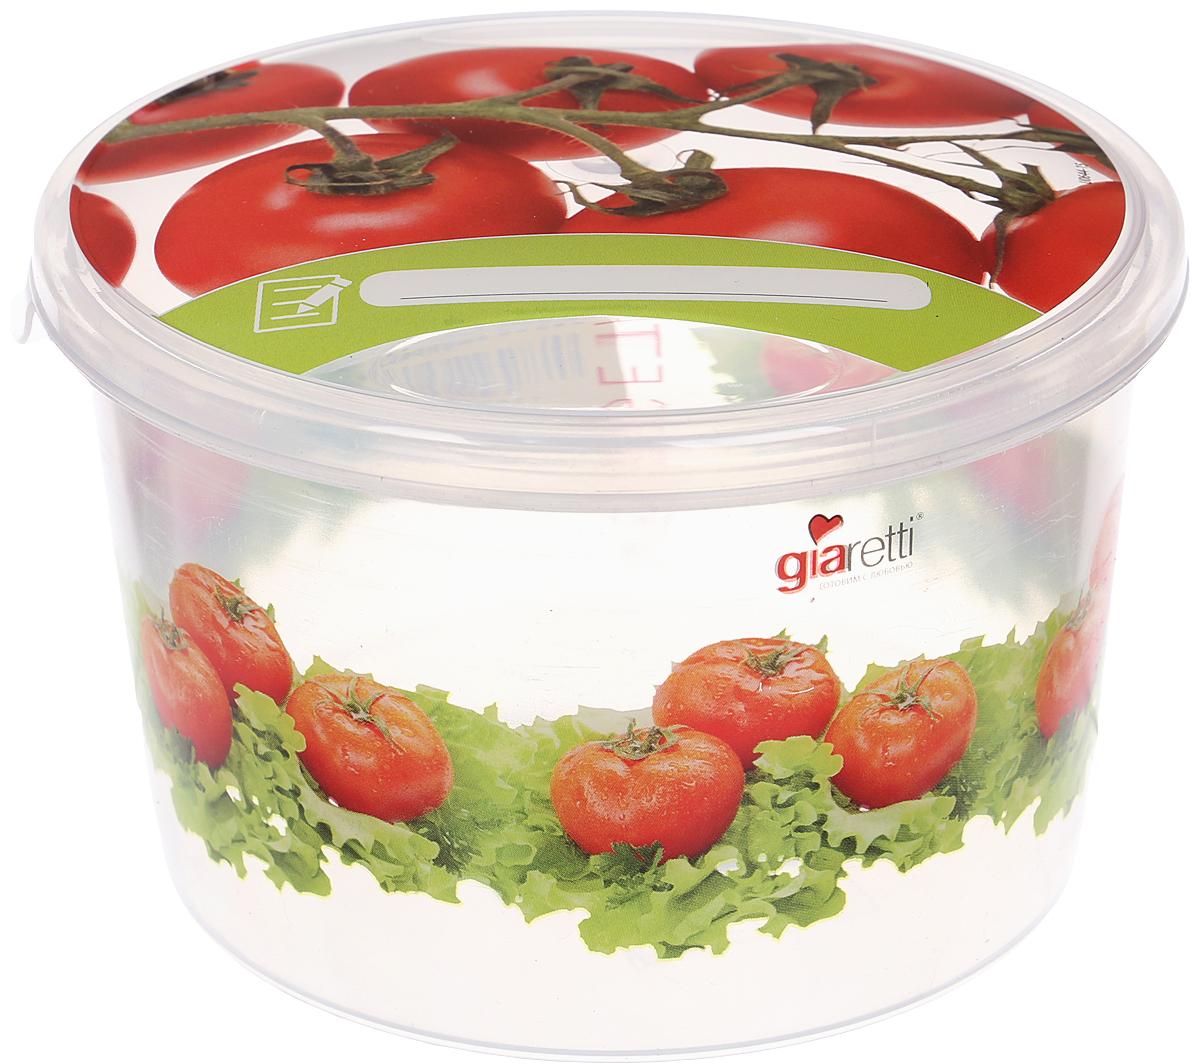 Емкость для продуктов Giaretti Браво. Помидоры, цвет: прозрачный, 750 мл. GR1067 емкость для продуктов giaretti браво цвет салатовый прозрачный 750 мл gr1033